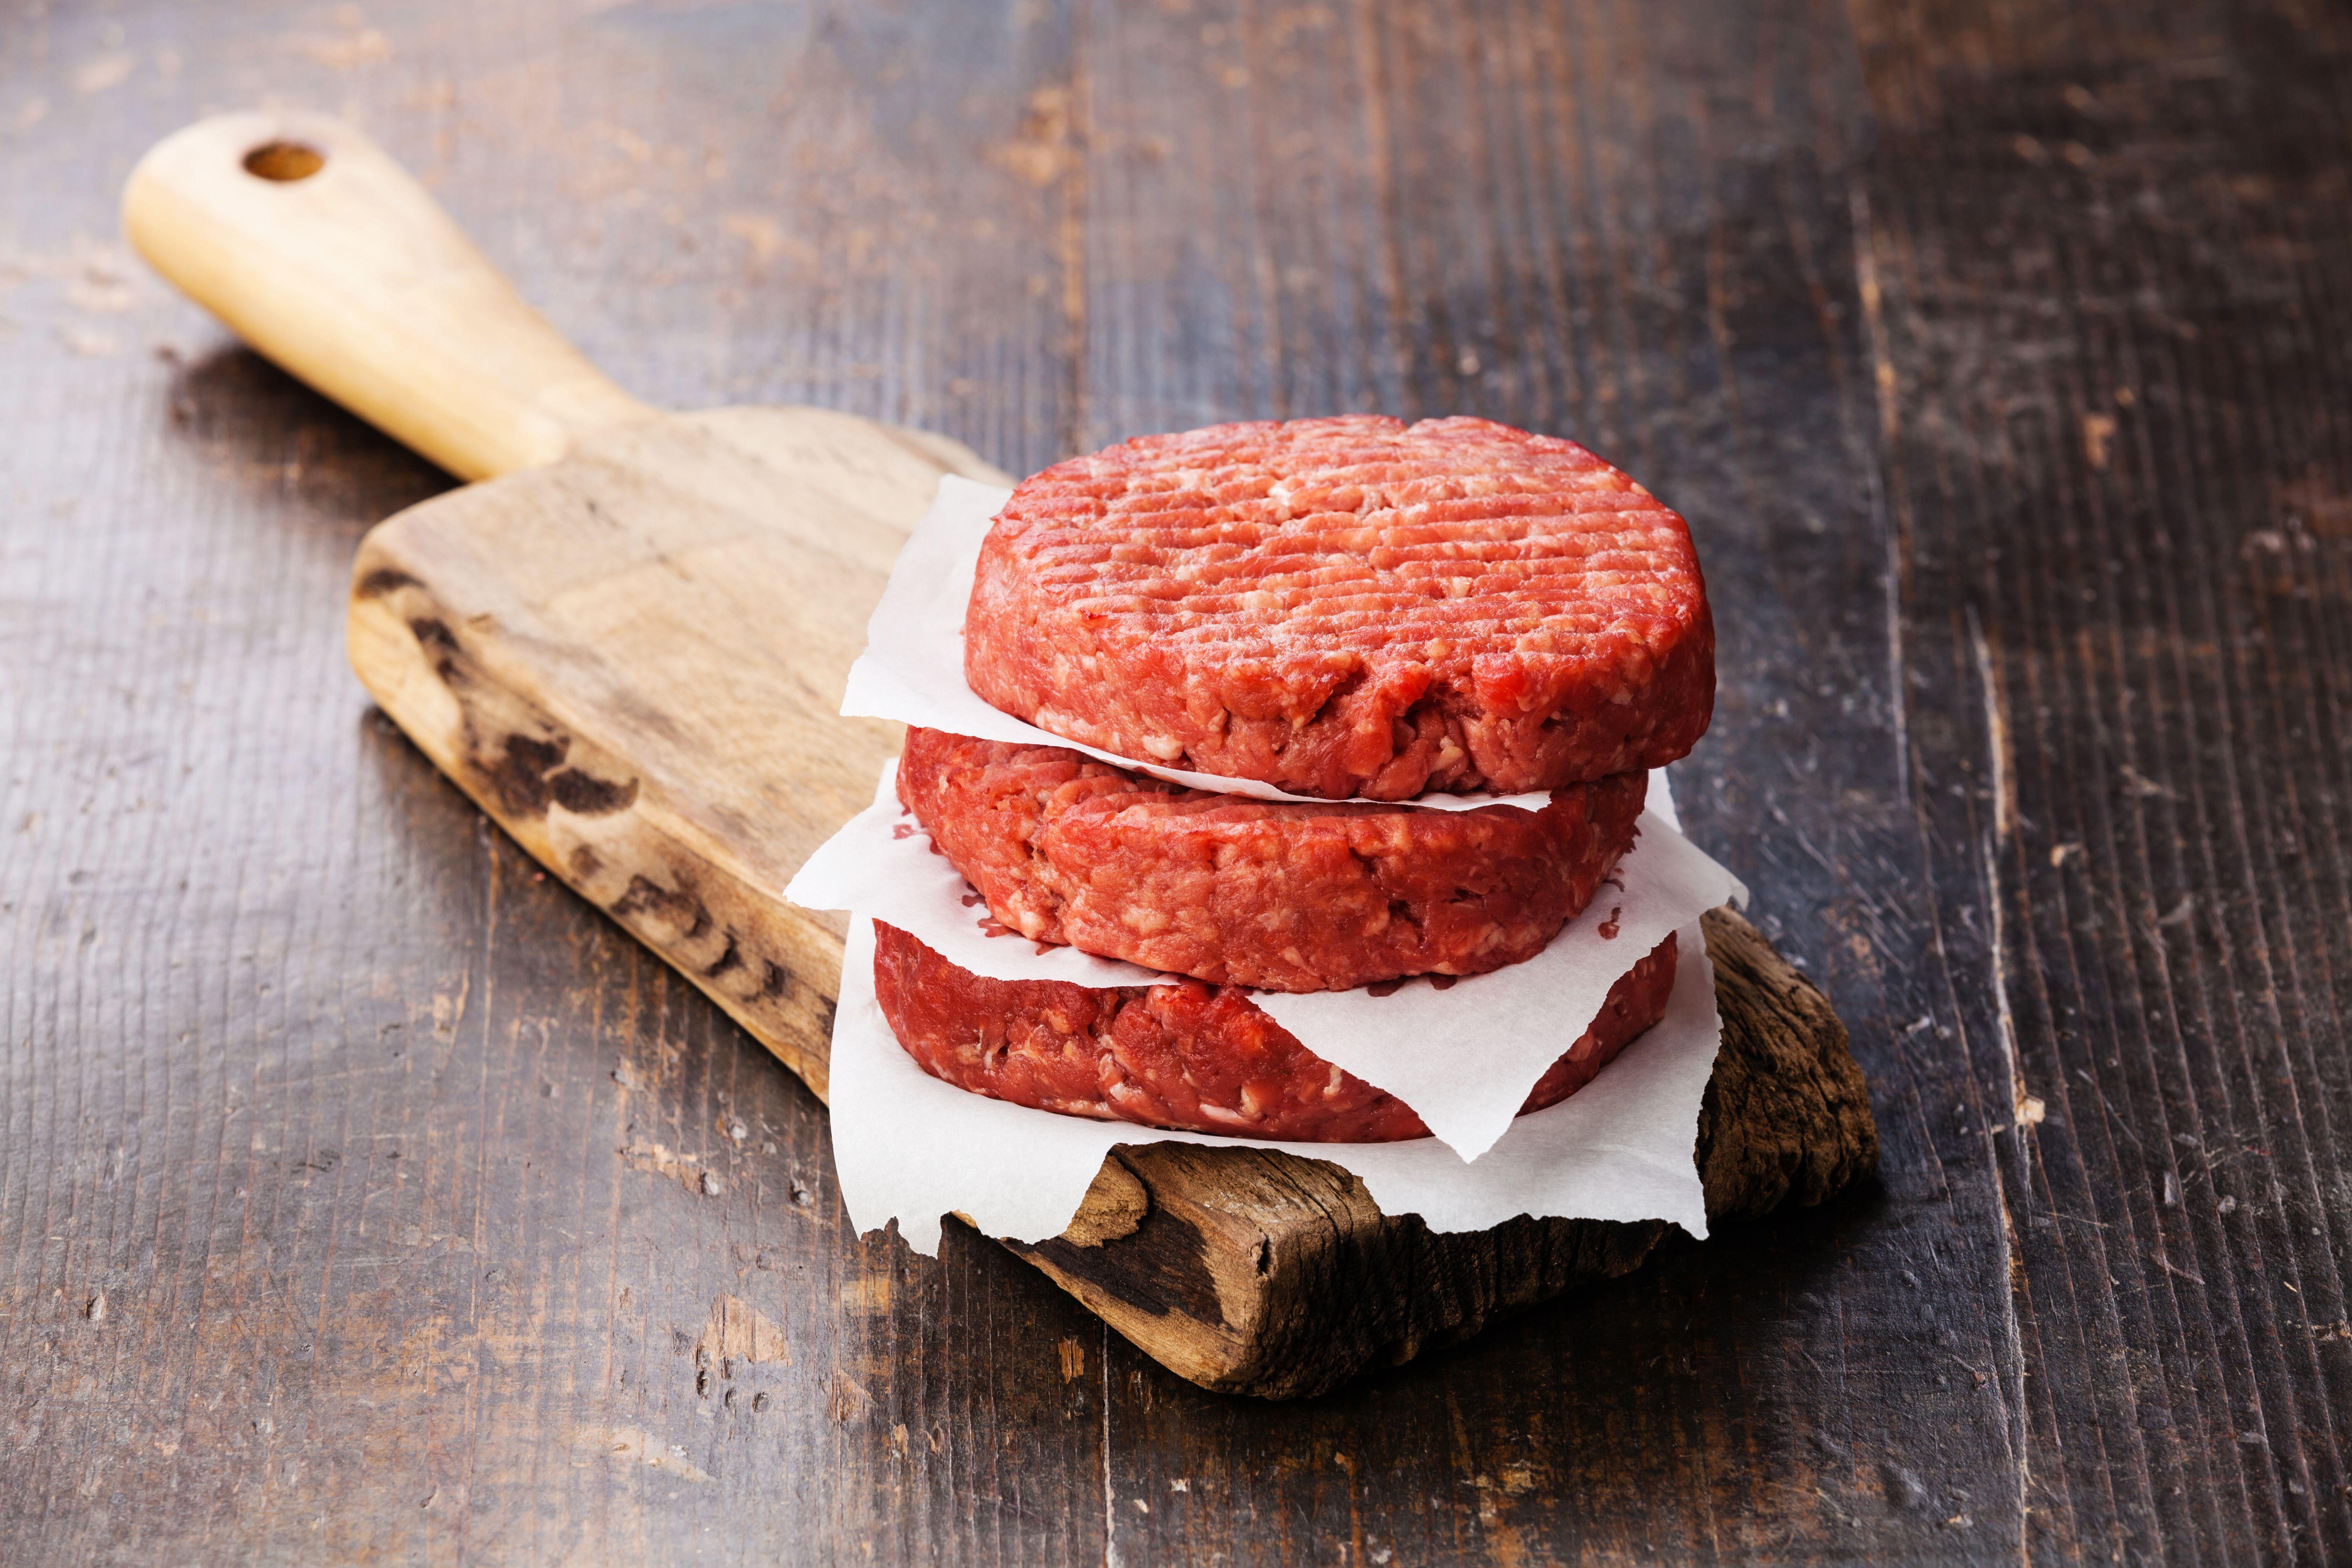 Precocinados: Productos y servicios de Carnicería Antonio Mateo